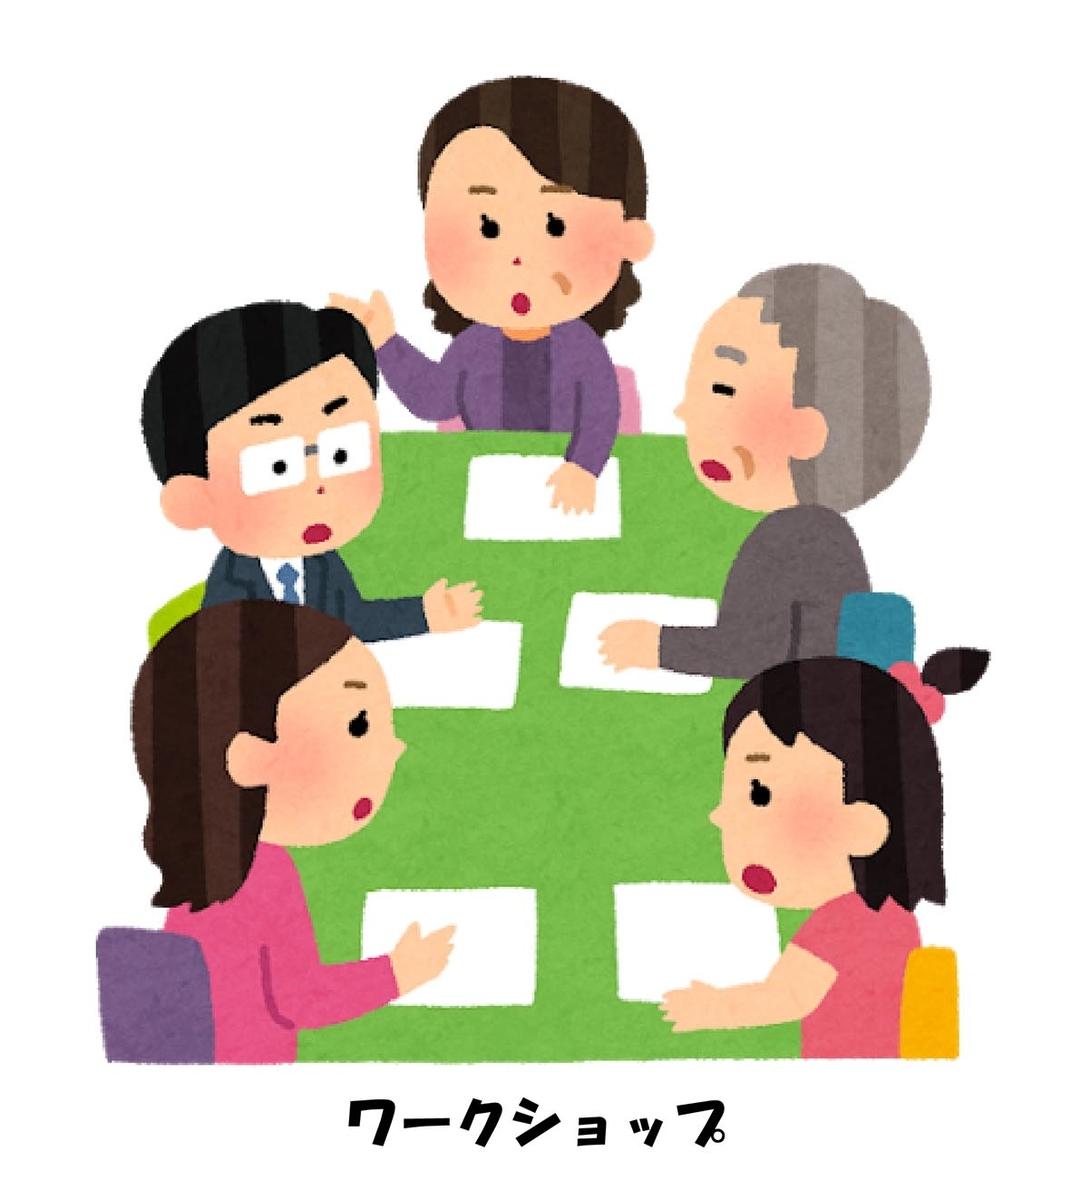 f:id:jiajiawarabi:20210131120536j:plain